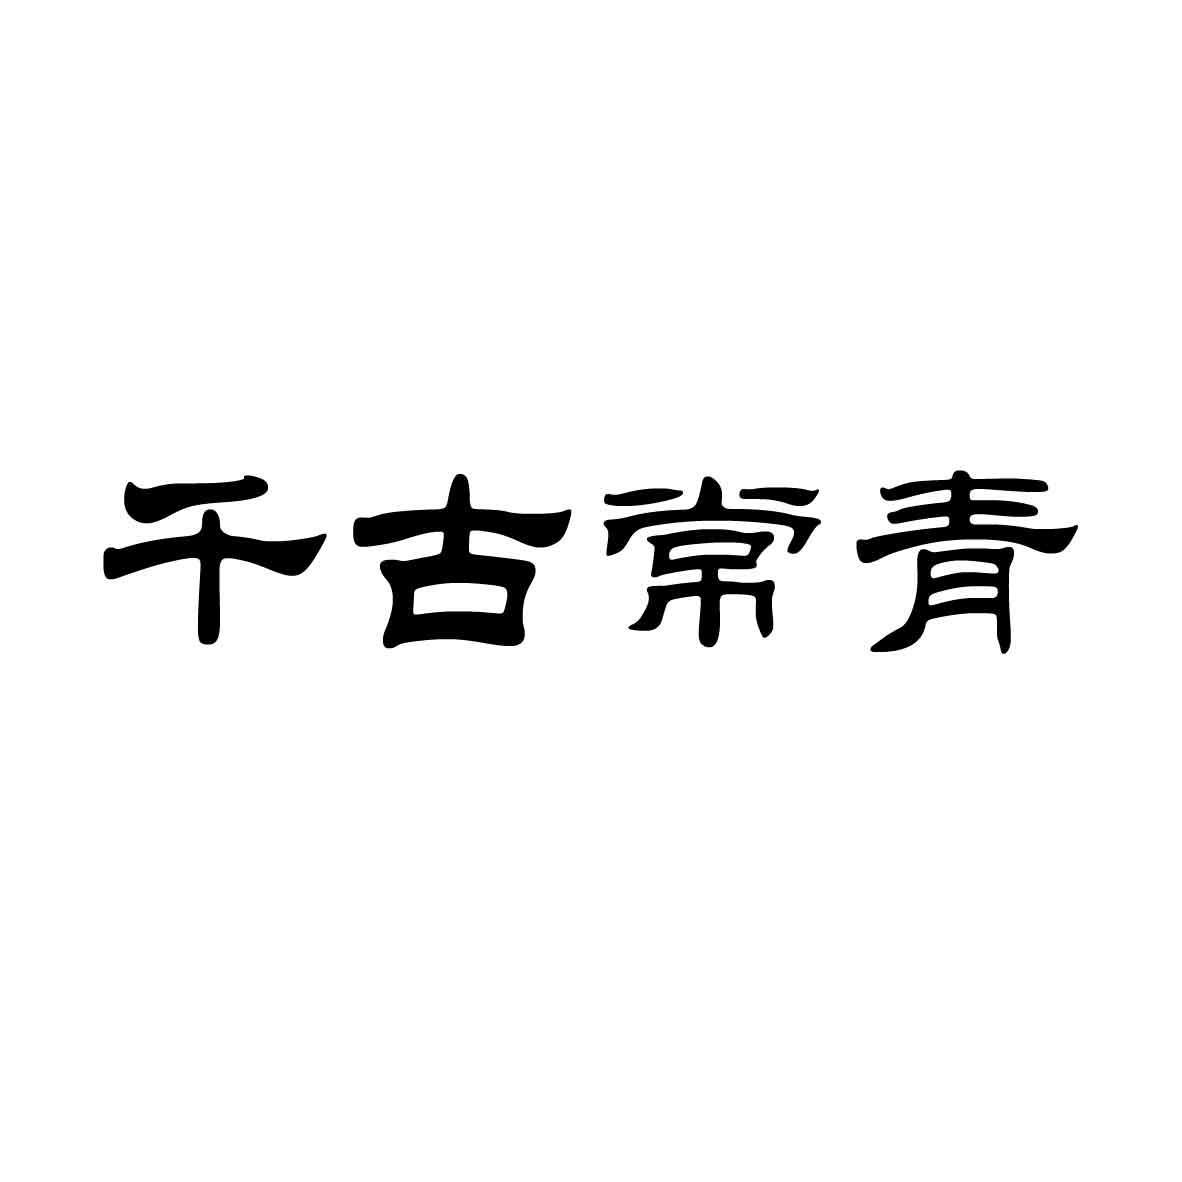 杭州市商标转让-29类食品-千古常青